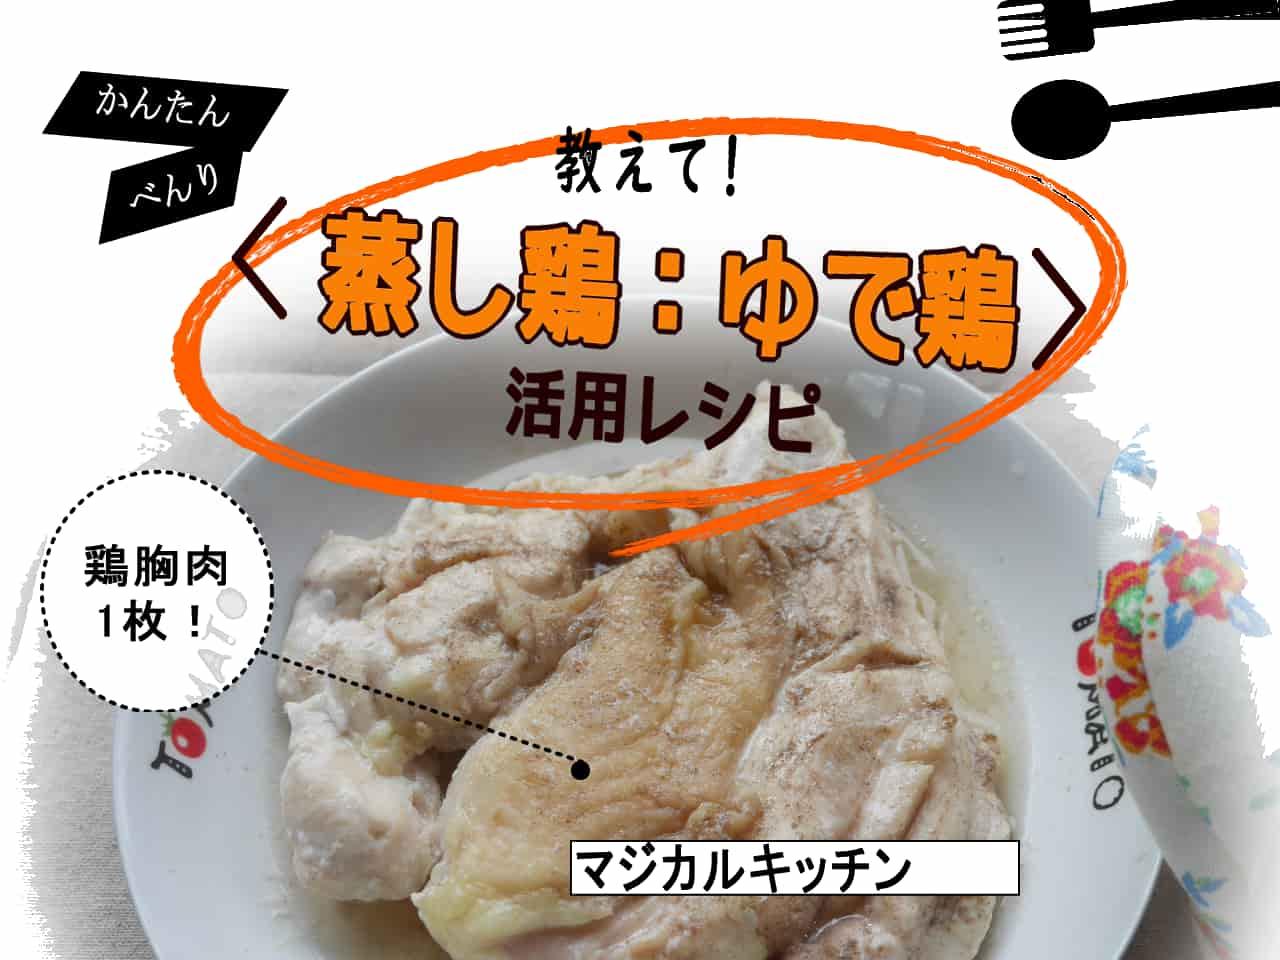 蒸し鶏ゆで鶏Tipsコーナー